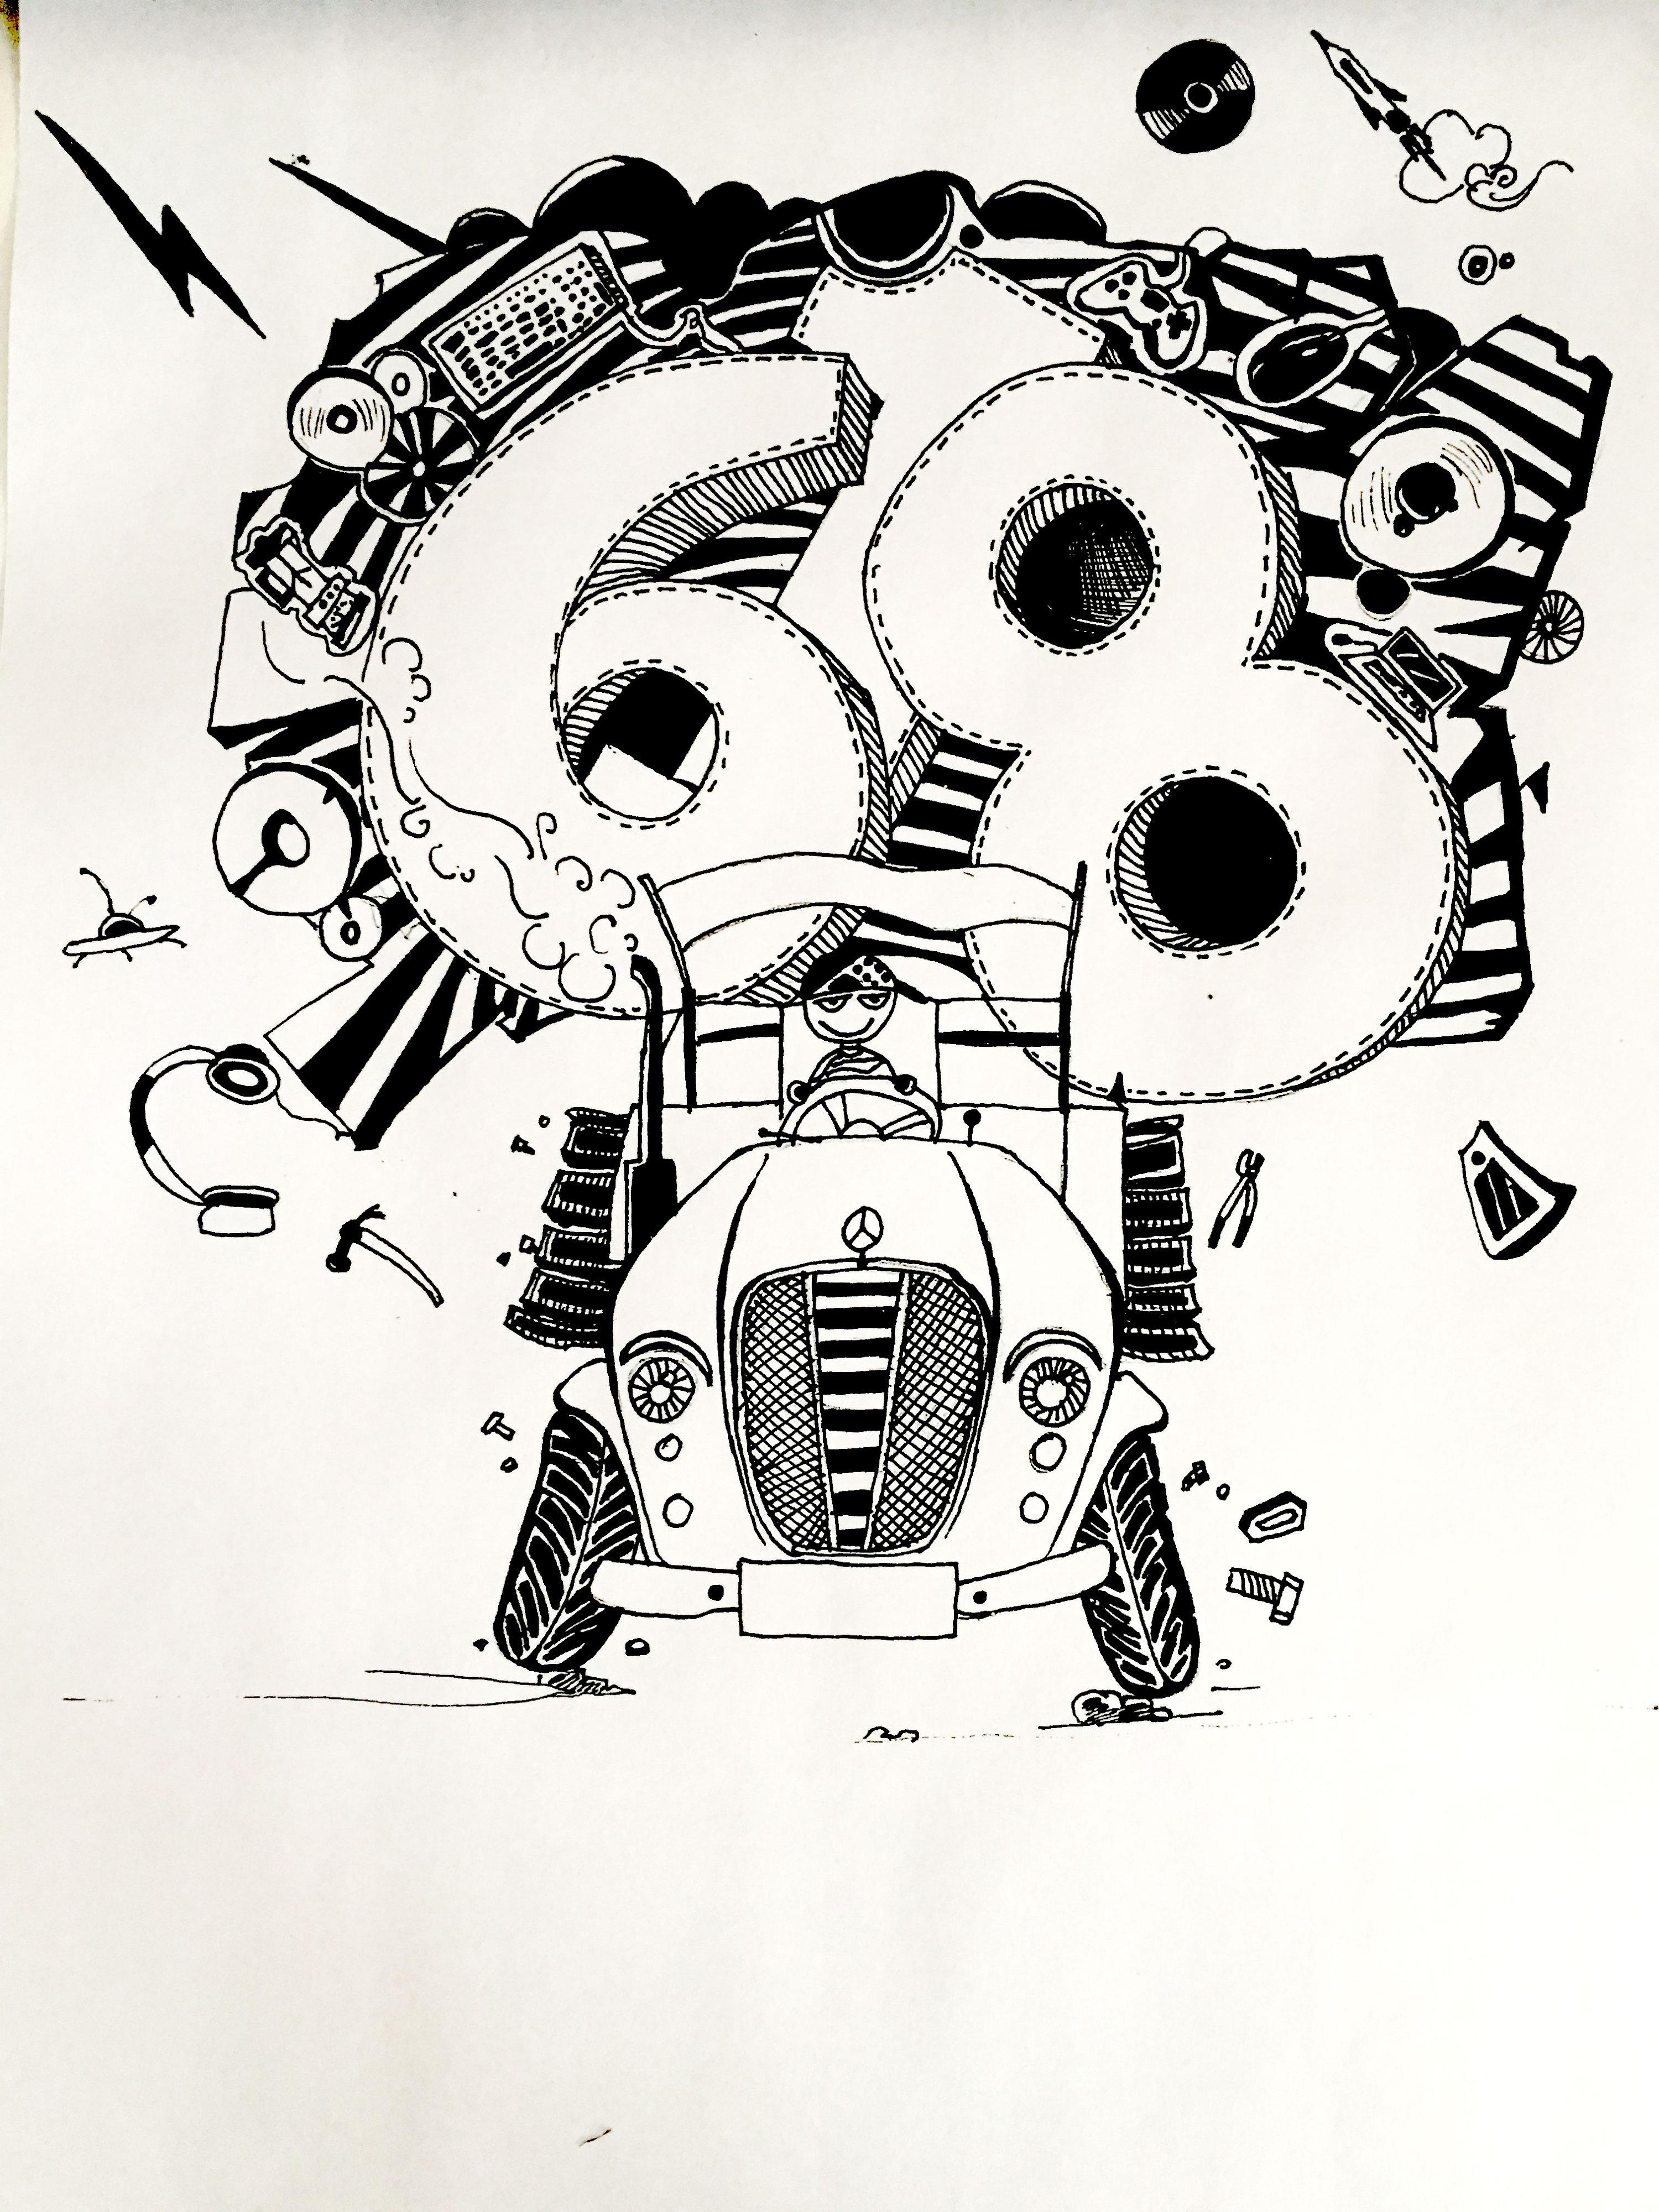 电商618手绘黑白/彩色 搞笑 表情包 逗比 海报